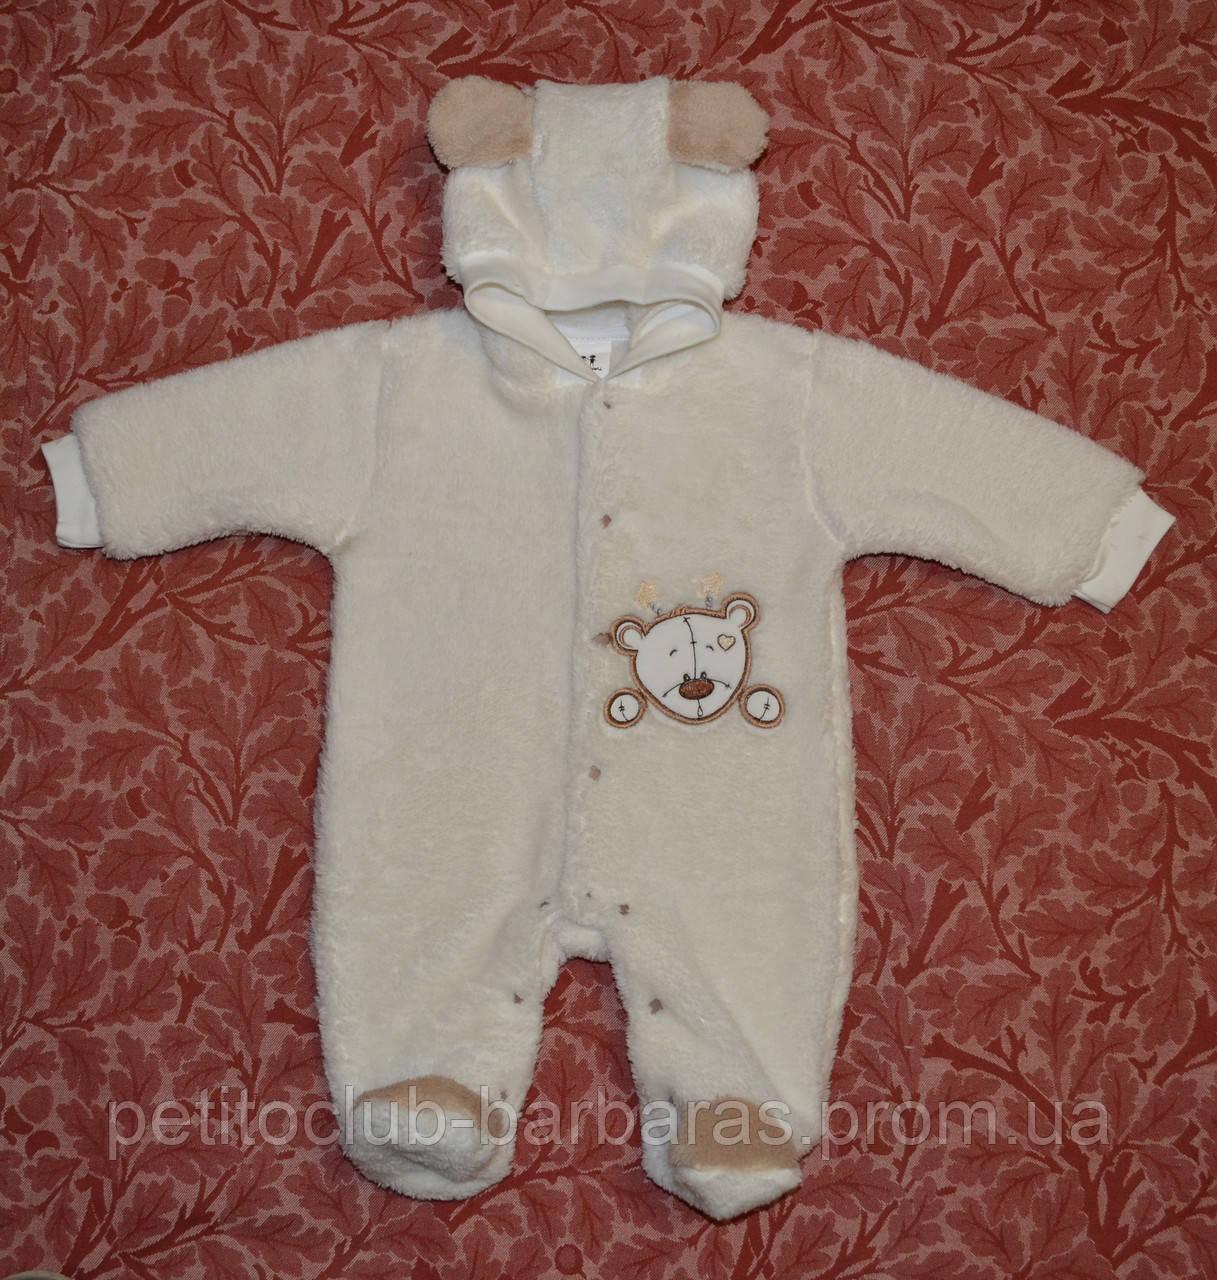 Комбинезон Медвежонок для новорожденных велсофт (р. 50-74 см)